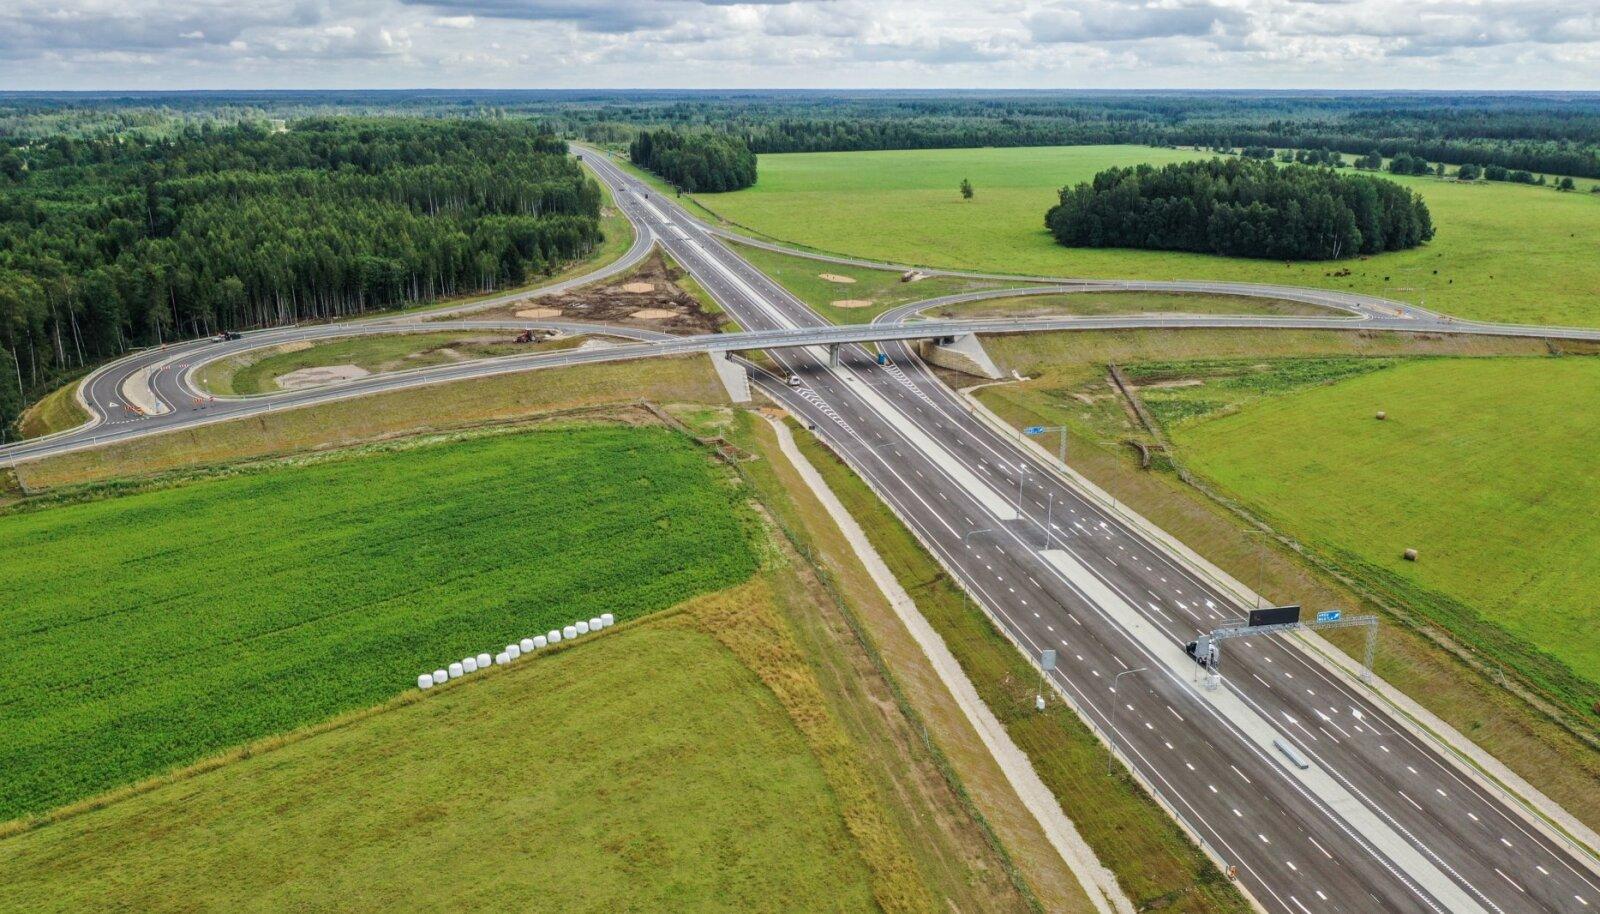 Uue teelõigu Mustla liiklussõlm.